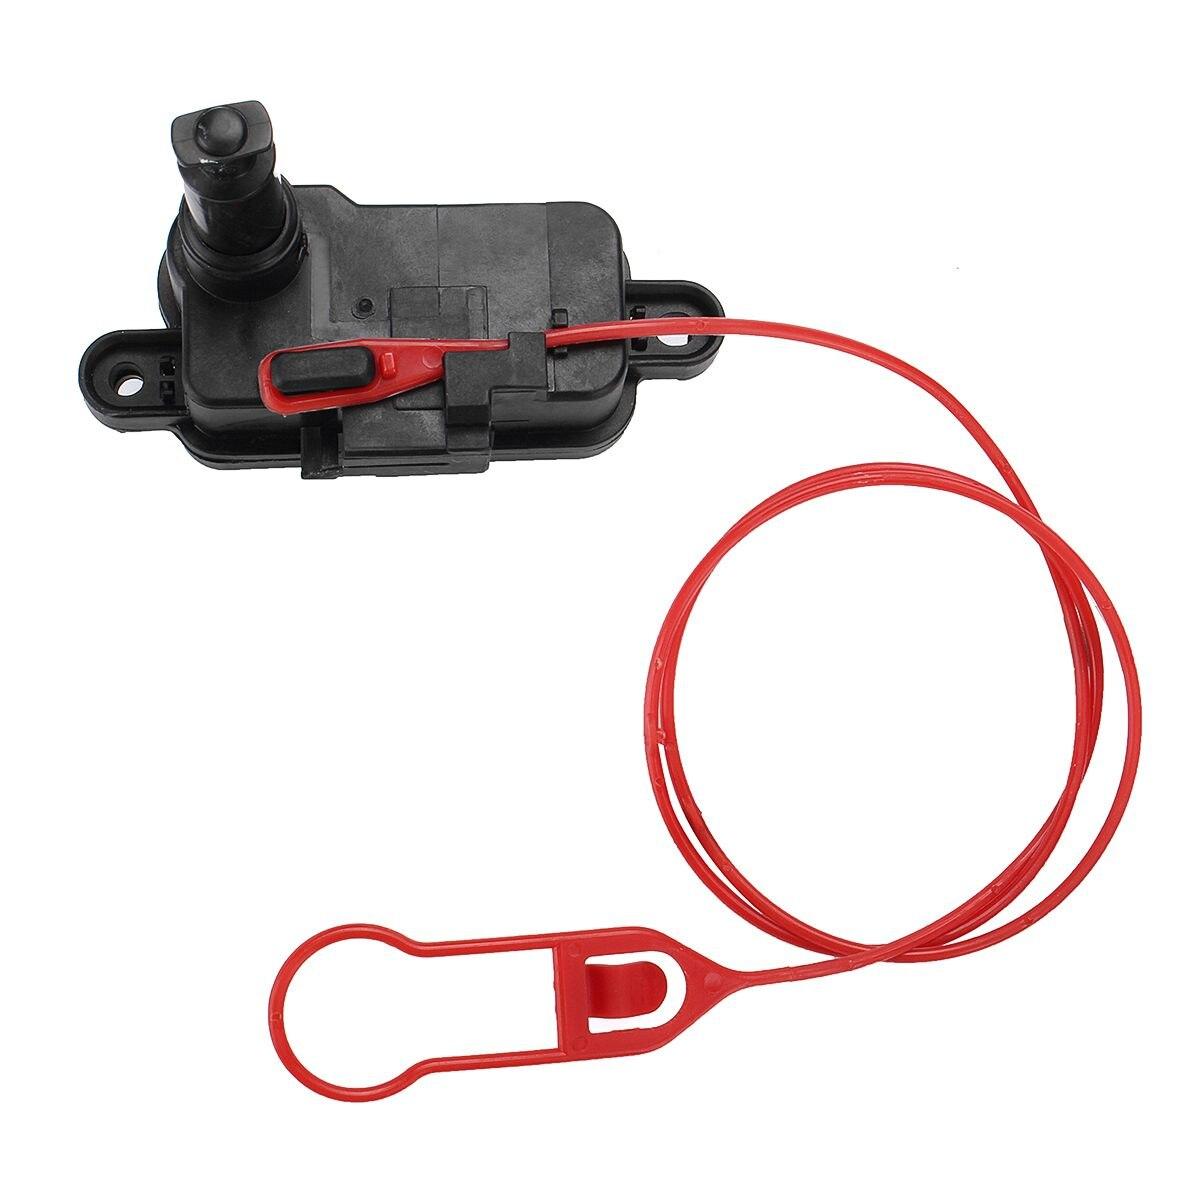 New Car Fuel Tank Flap Cap Door Release Lock Actuator Motor  Fit For AUDI A6 C7 A7 Q7 Oil Tank Cover Latch Motor 4L0862153D